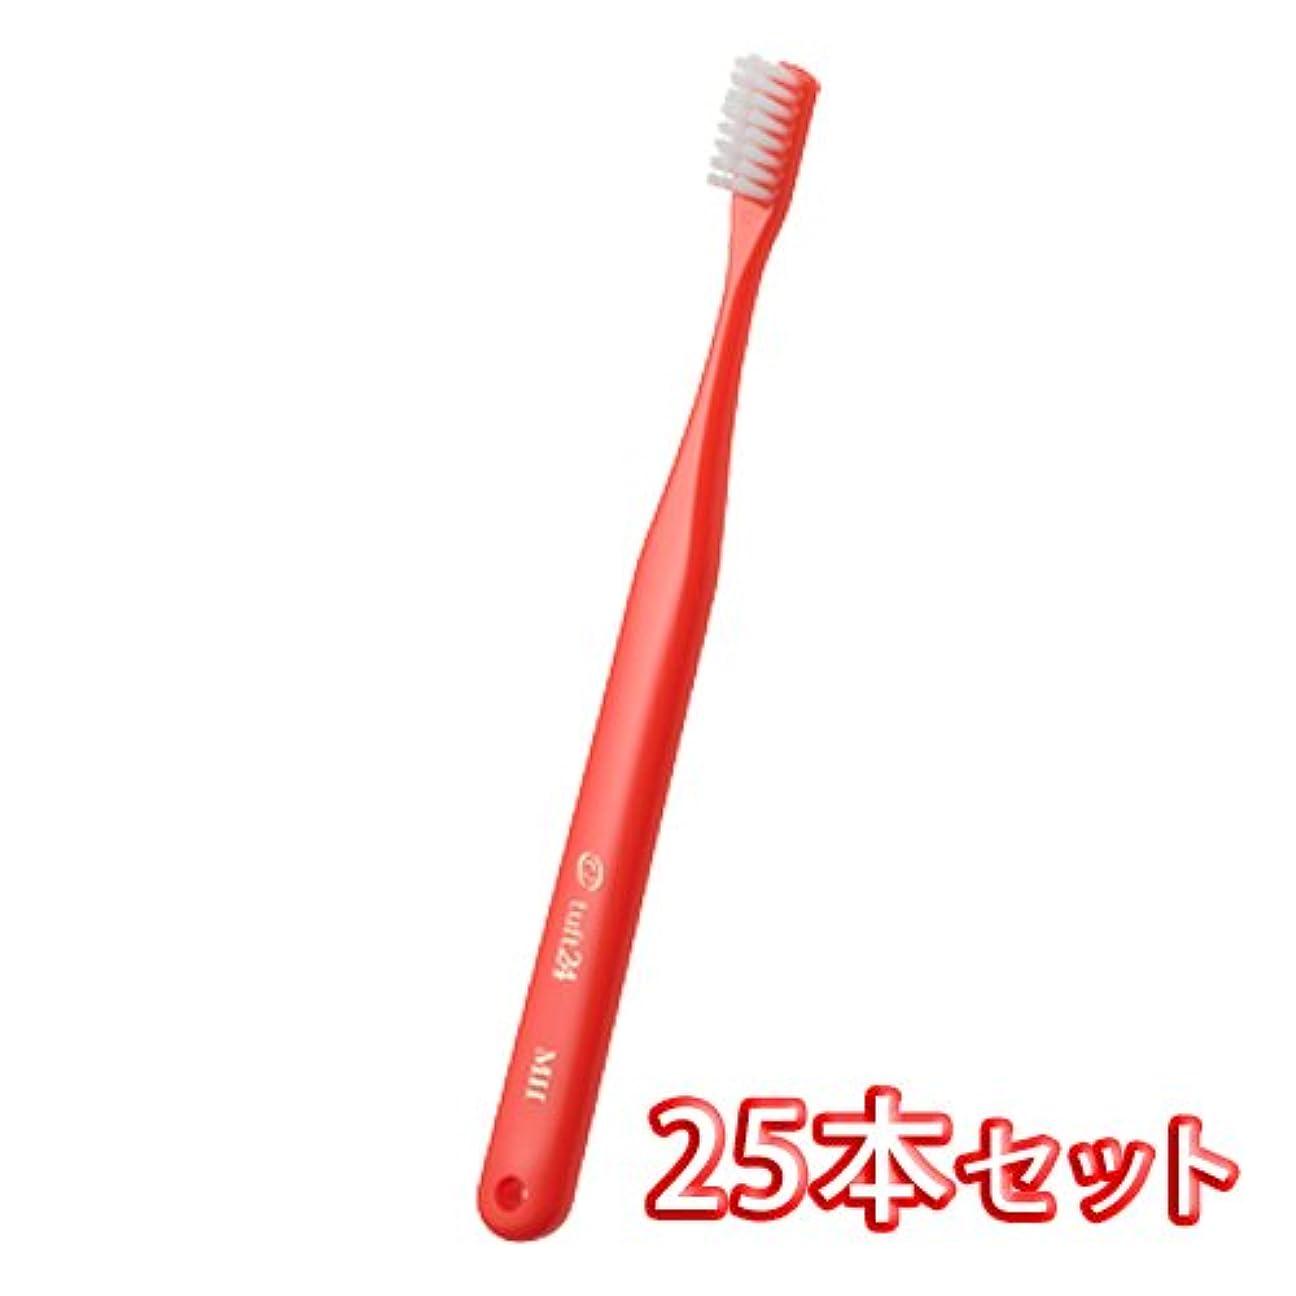 具体的に復活させる依存オーラルケア キャップ付き タフト 24 歯ブラシ スーパーソフト 25本 (レッド)